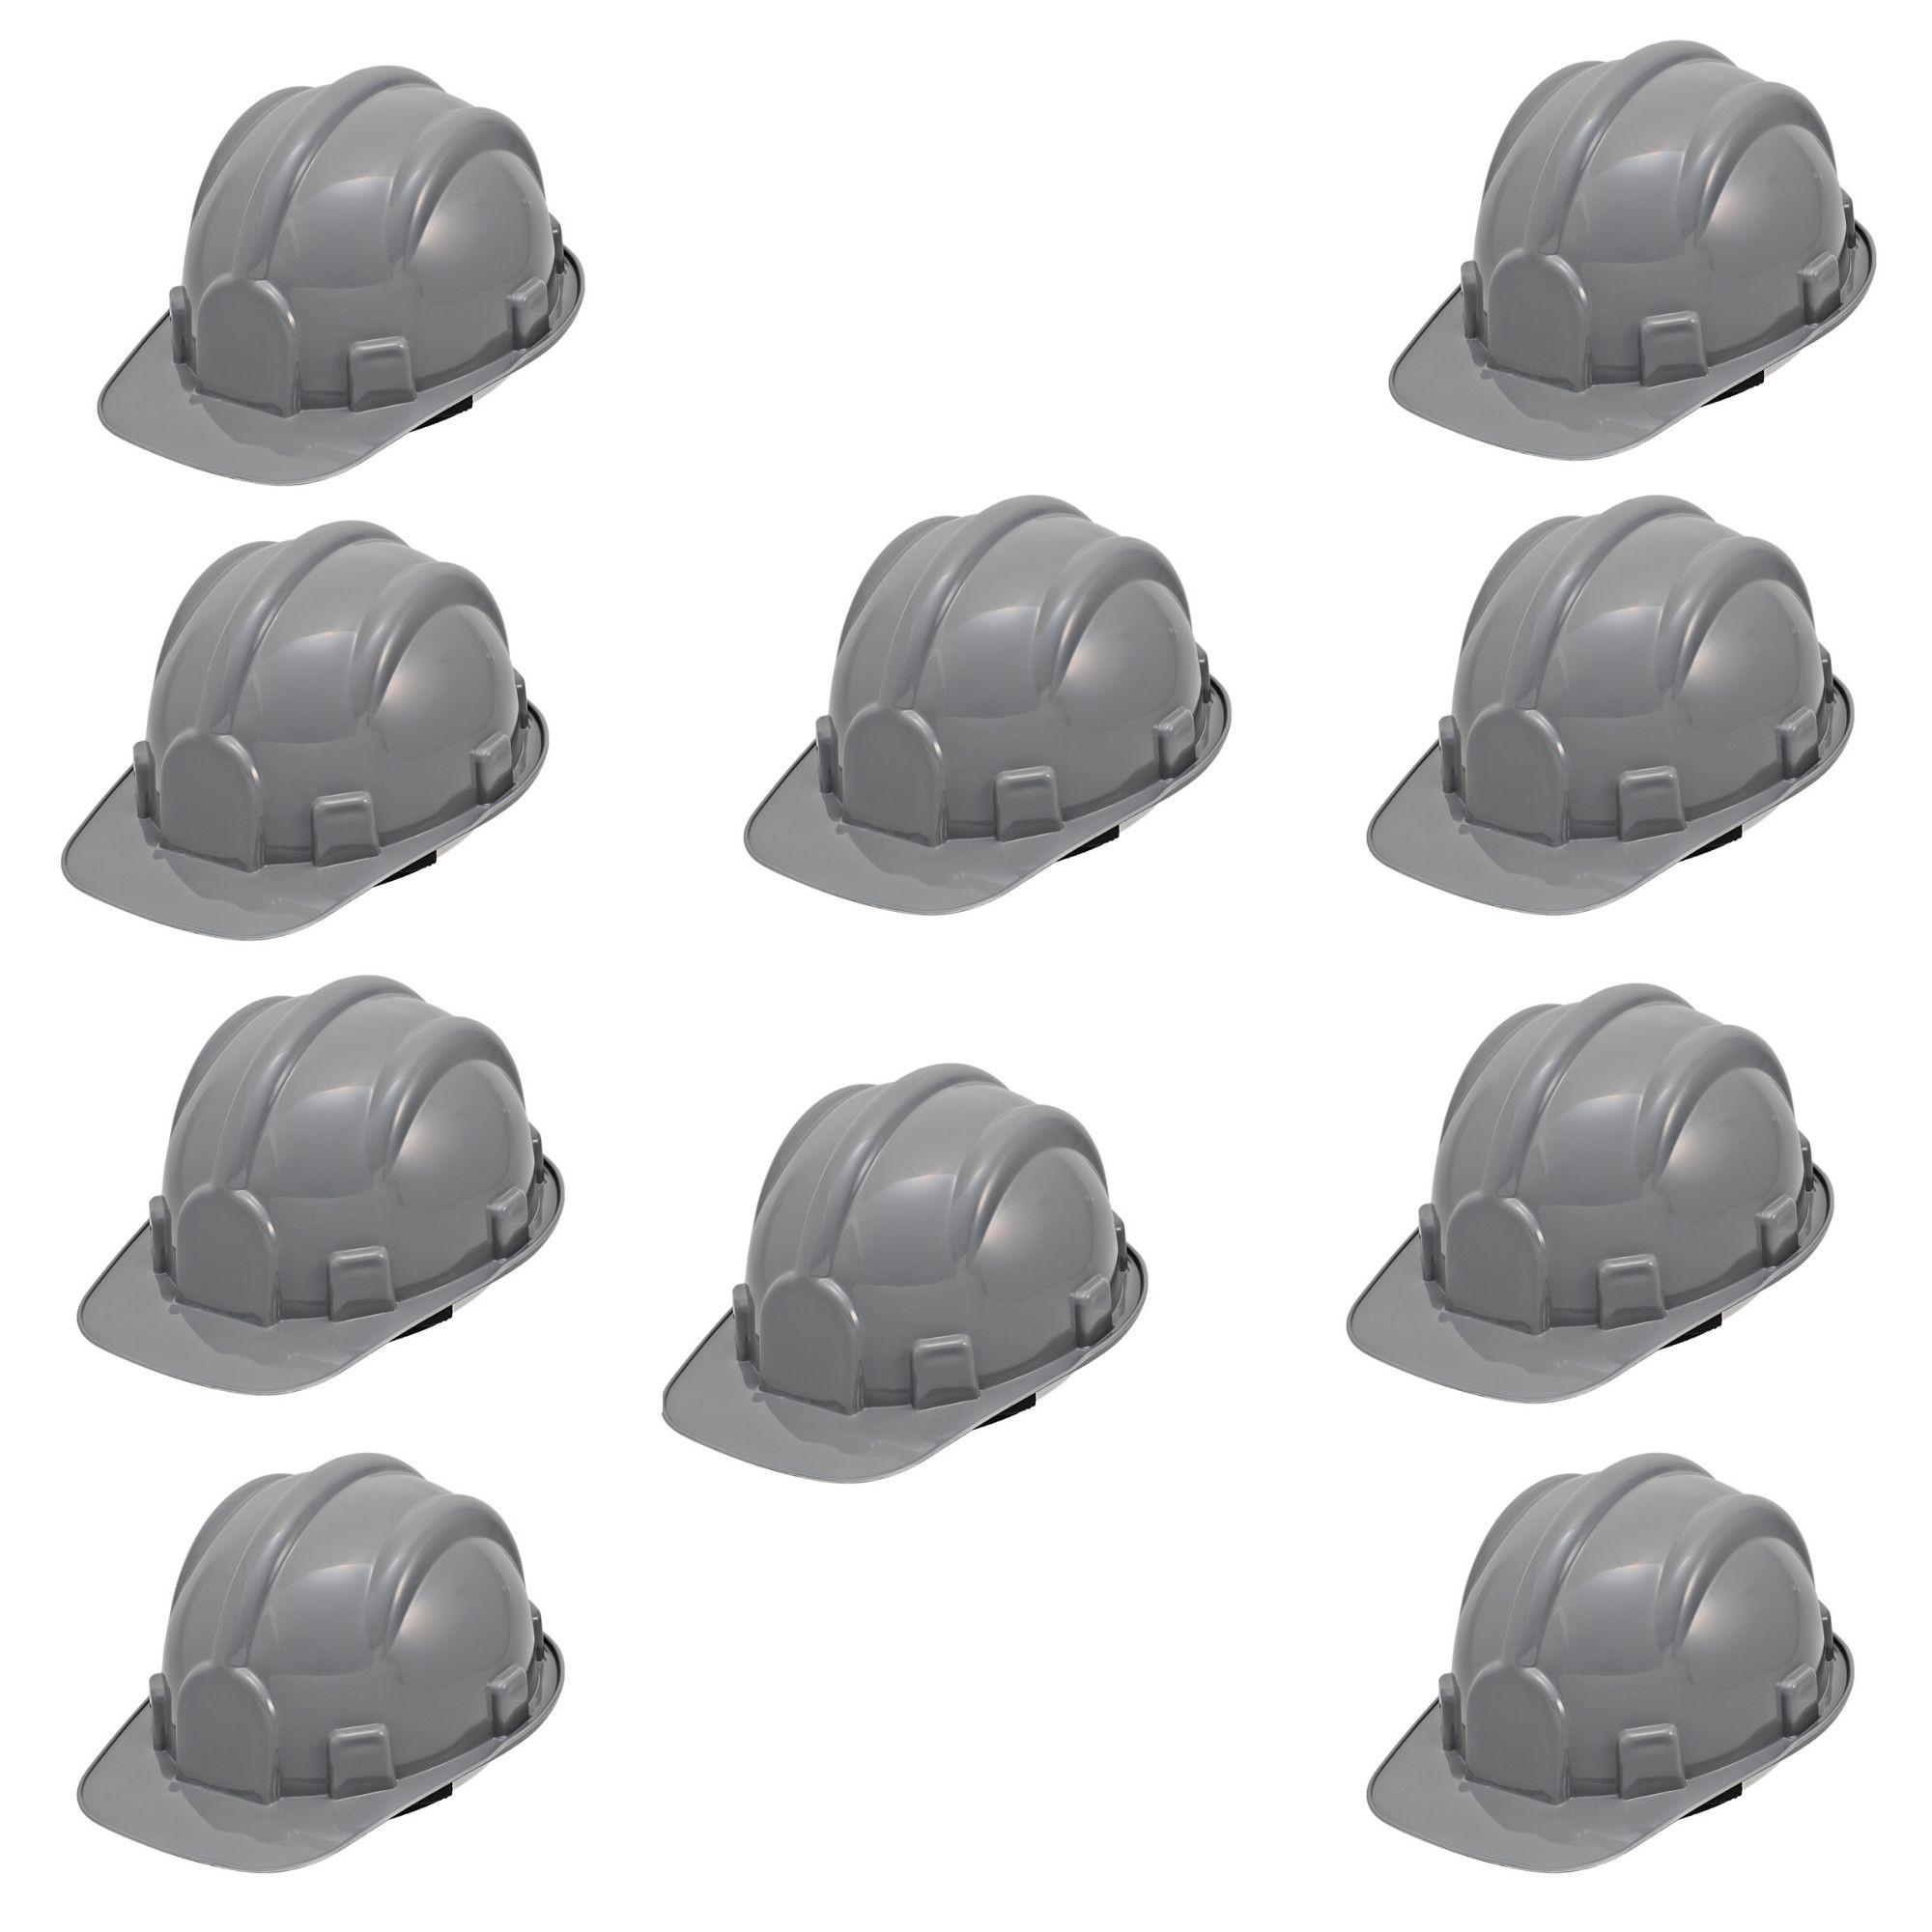 Kit 10 Pçs Capacete Segurança Classe A e B (contra impactos e choques elétricos) - Com Jugular  - DE PAULA EPI